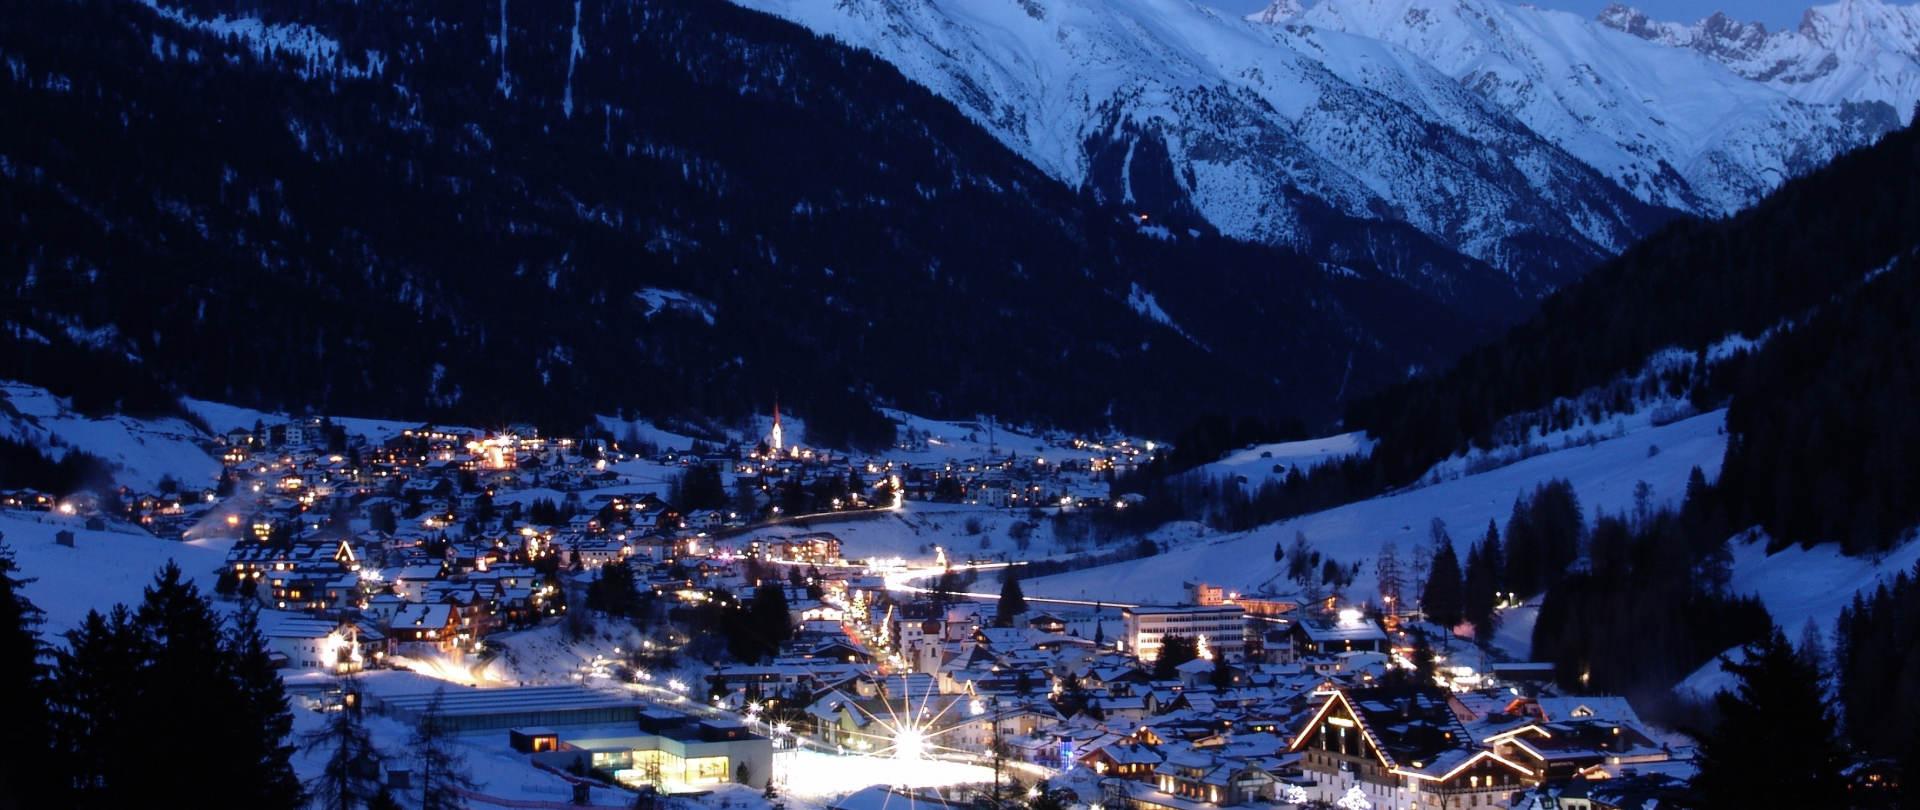 Webcam in St. Anton am Arlberg - Feratel